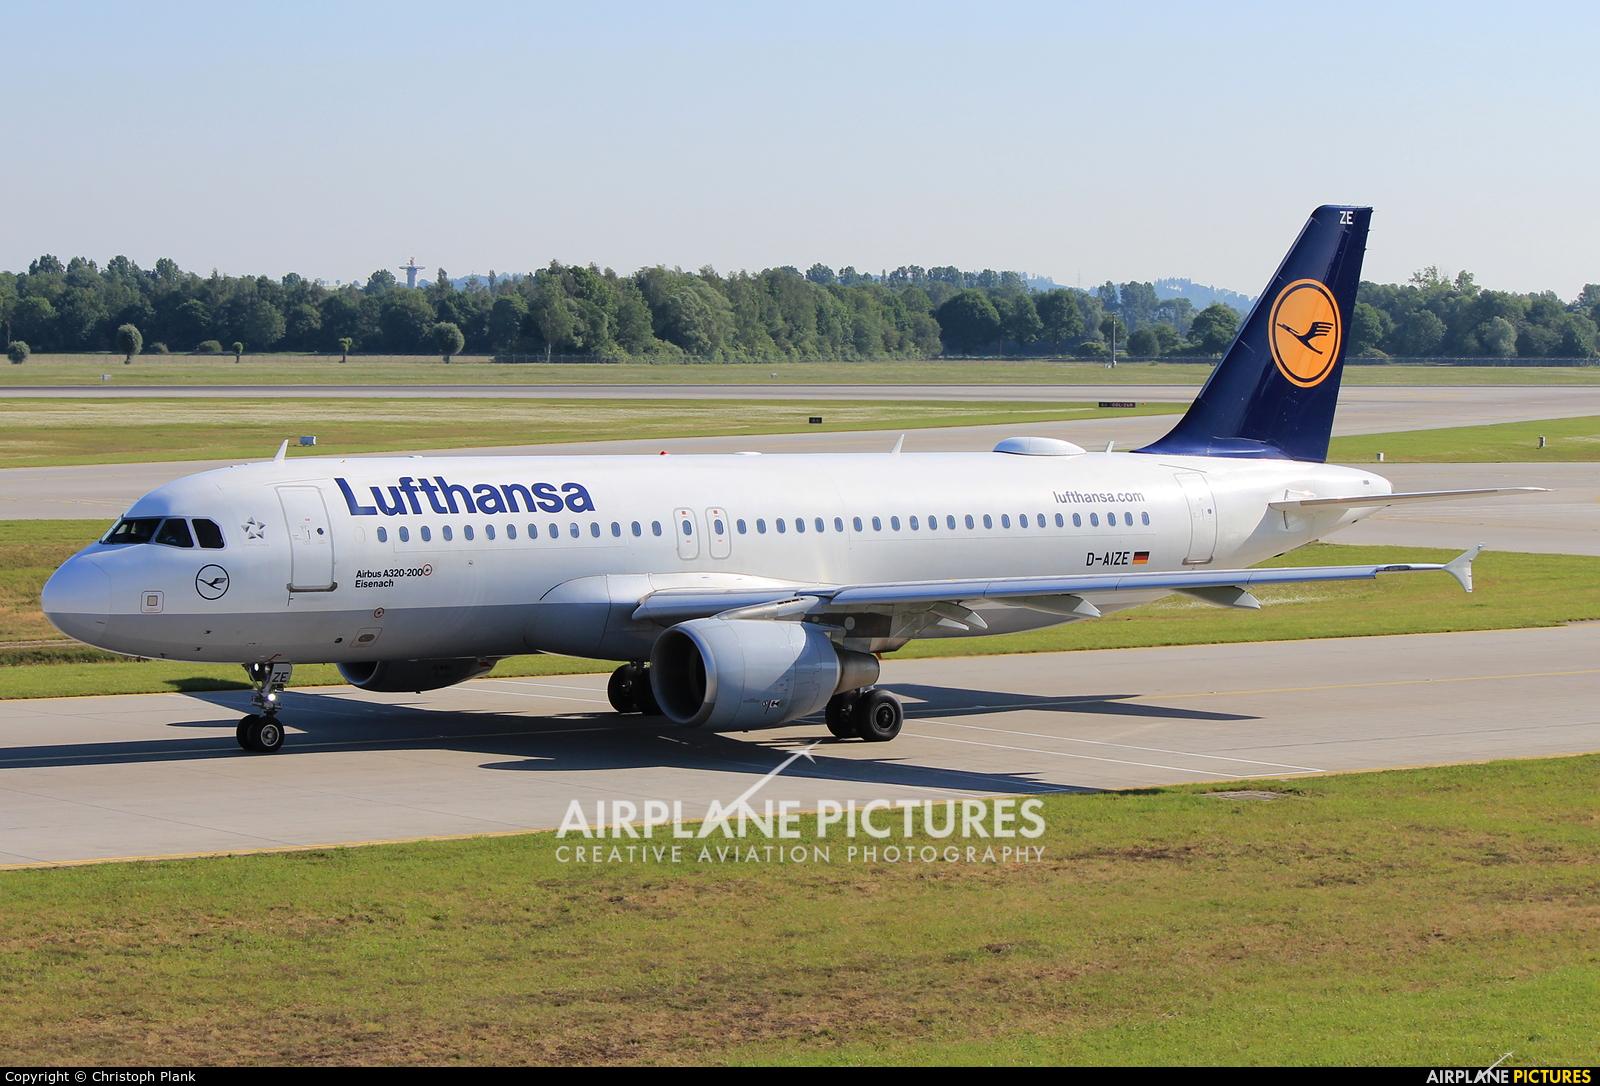 Lufthansa D-AIZE aircraft at Munich